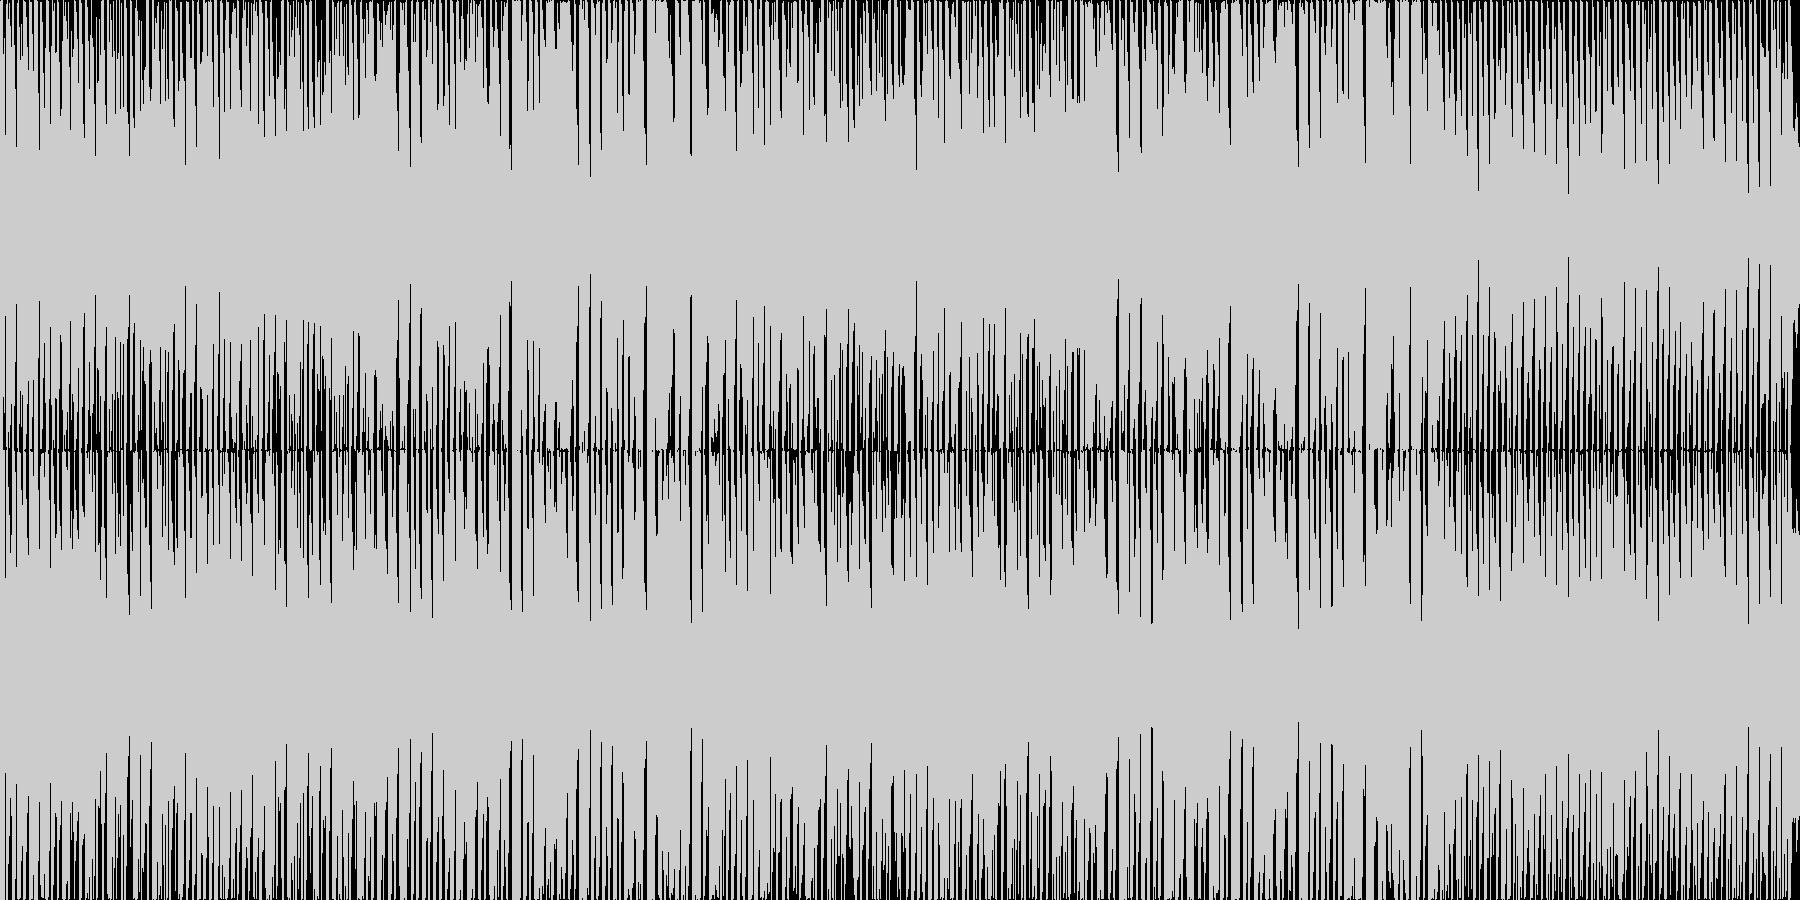 パズルゲーム 楽しい コミカル 1の未再生の波形